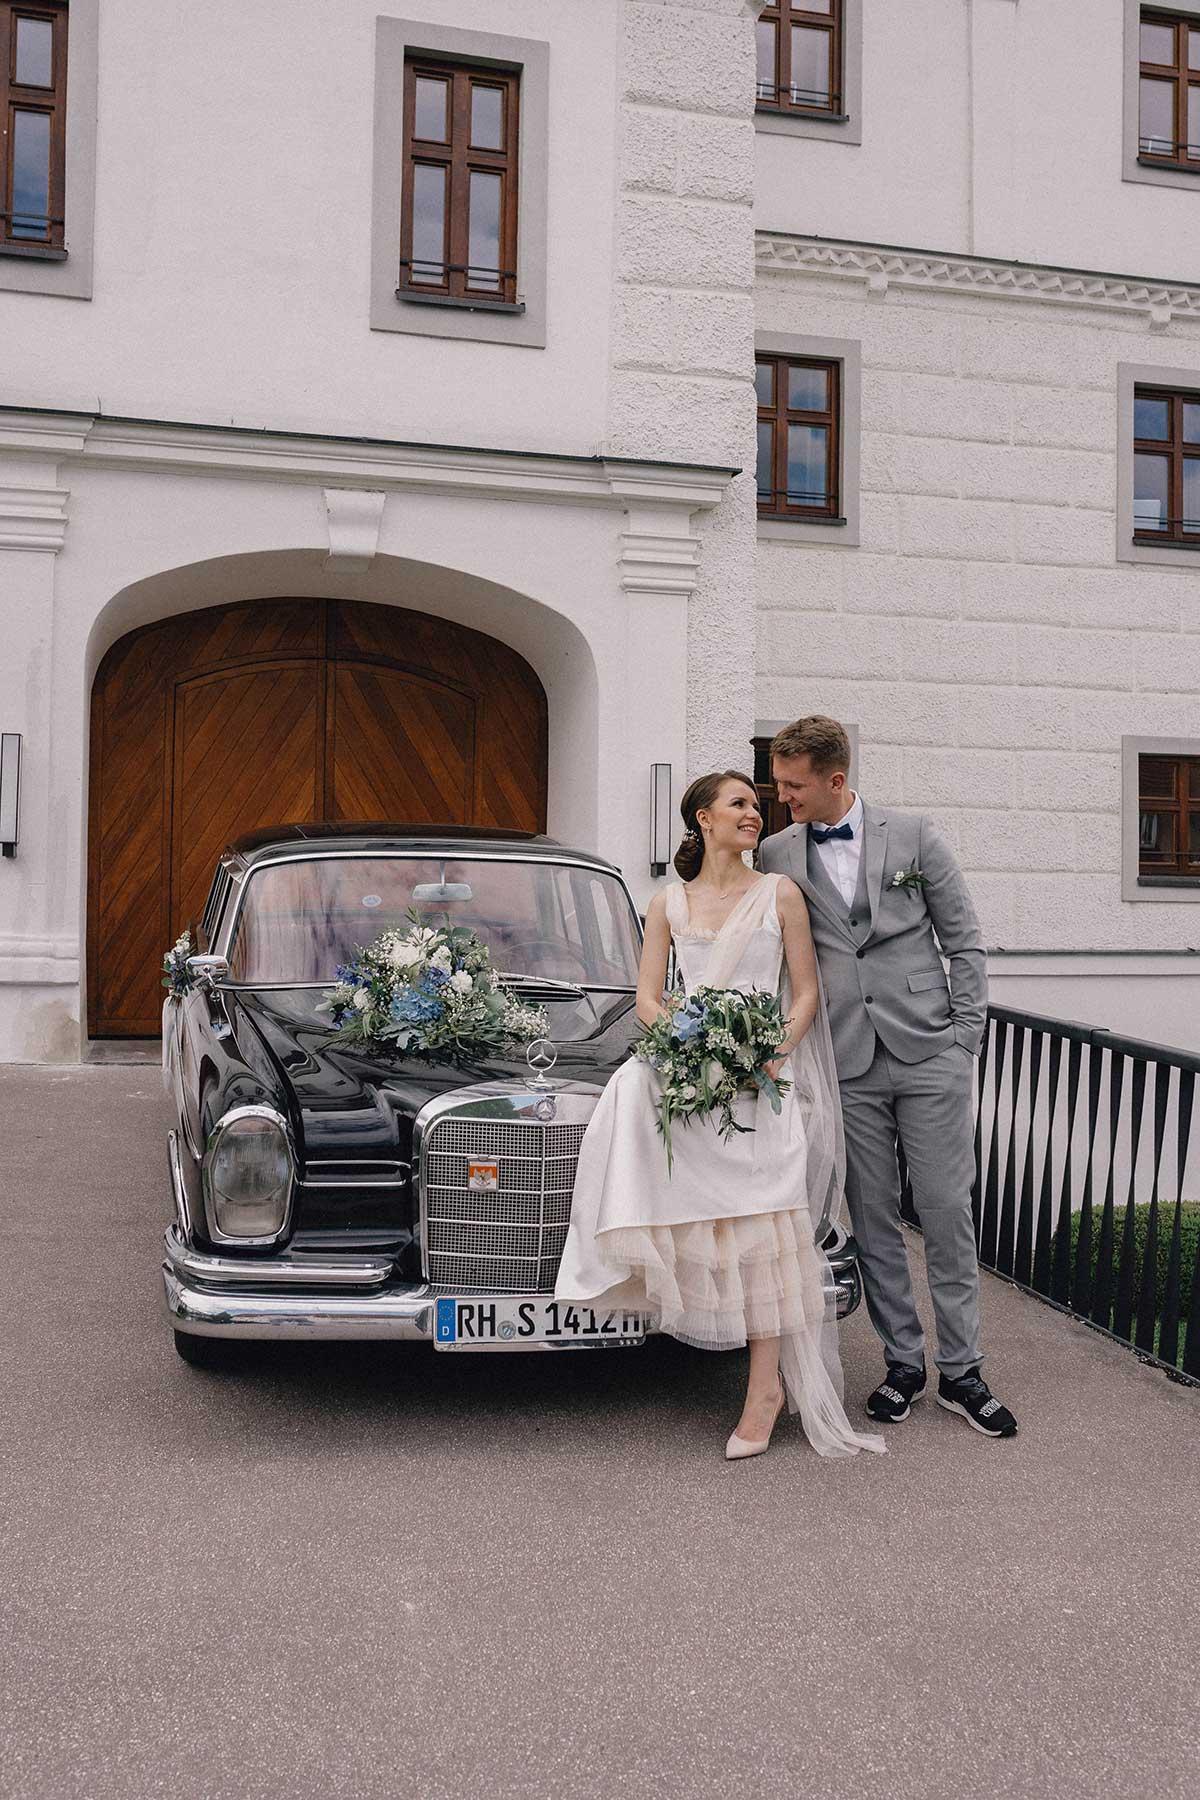 Braut und Bräutigam stehen vor einem Auto